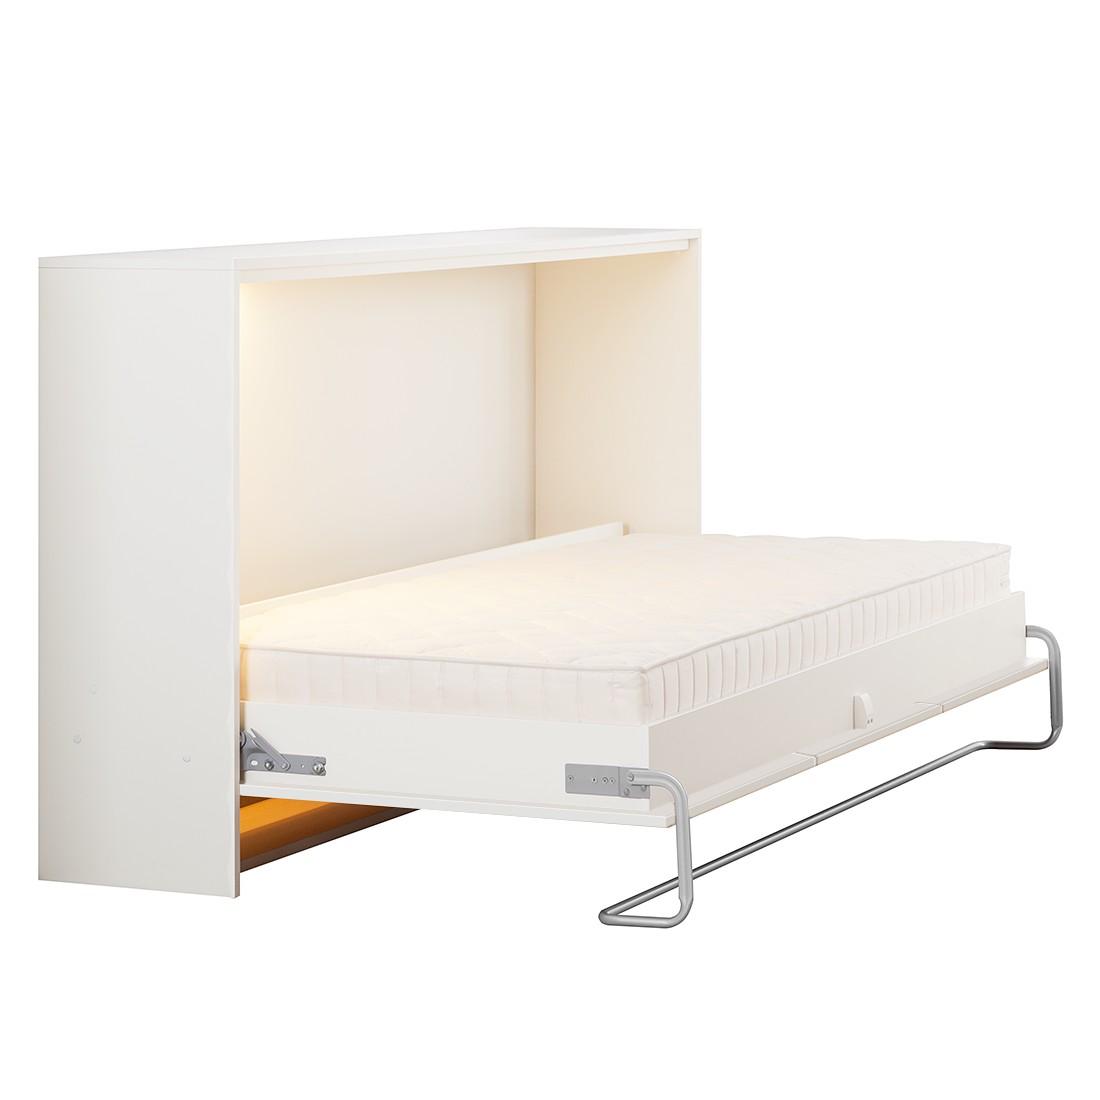 matratzen f r schrankbetten g nstig kaufen. Black Bedroom Furniture Sets. Home Design Ideas